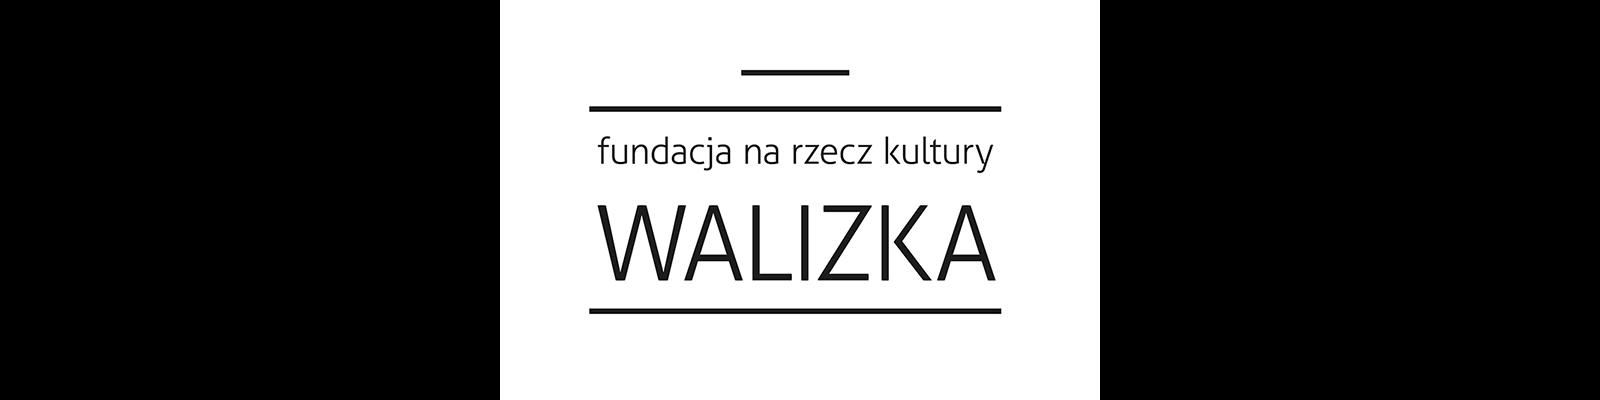 """Fundacja na Rzecz Kultury """"WALIZKA"""""""